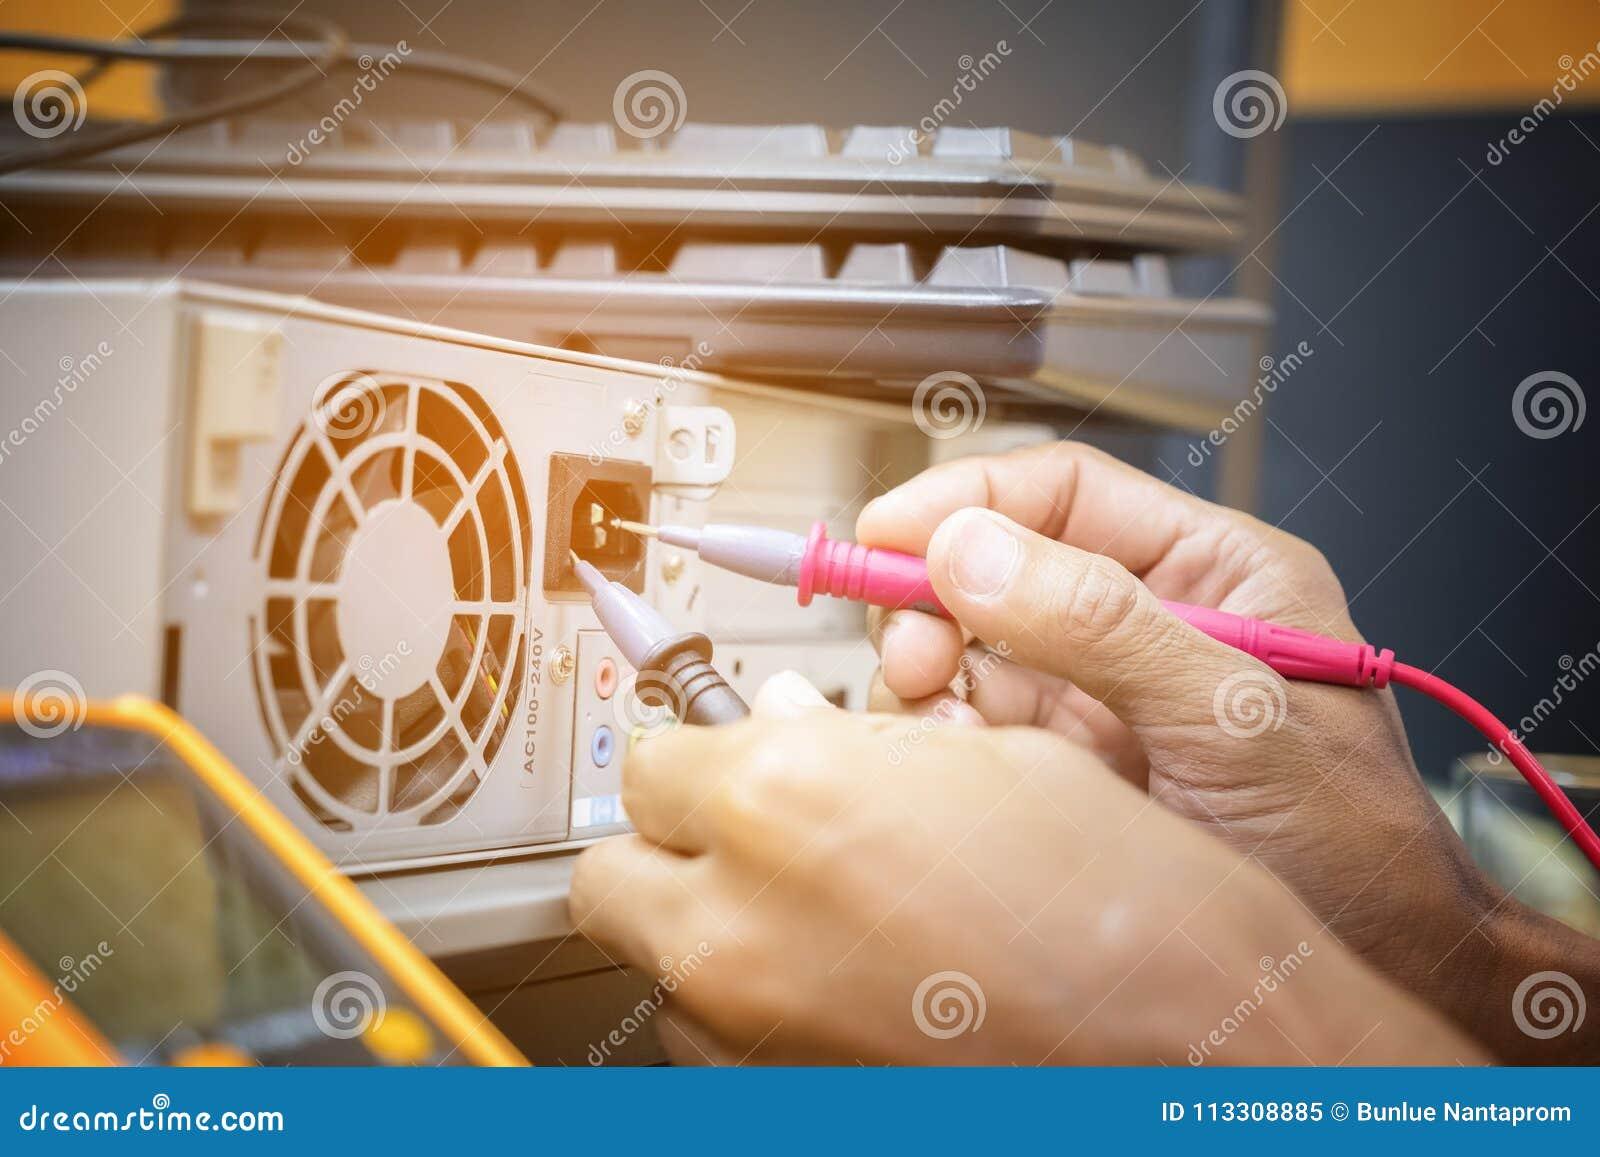 电子技术员手使用数字式多用电表笔检查